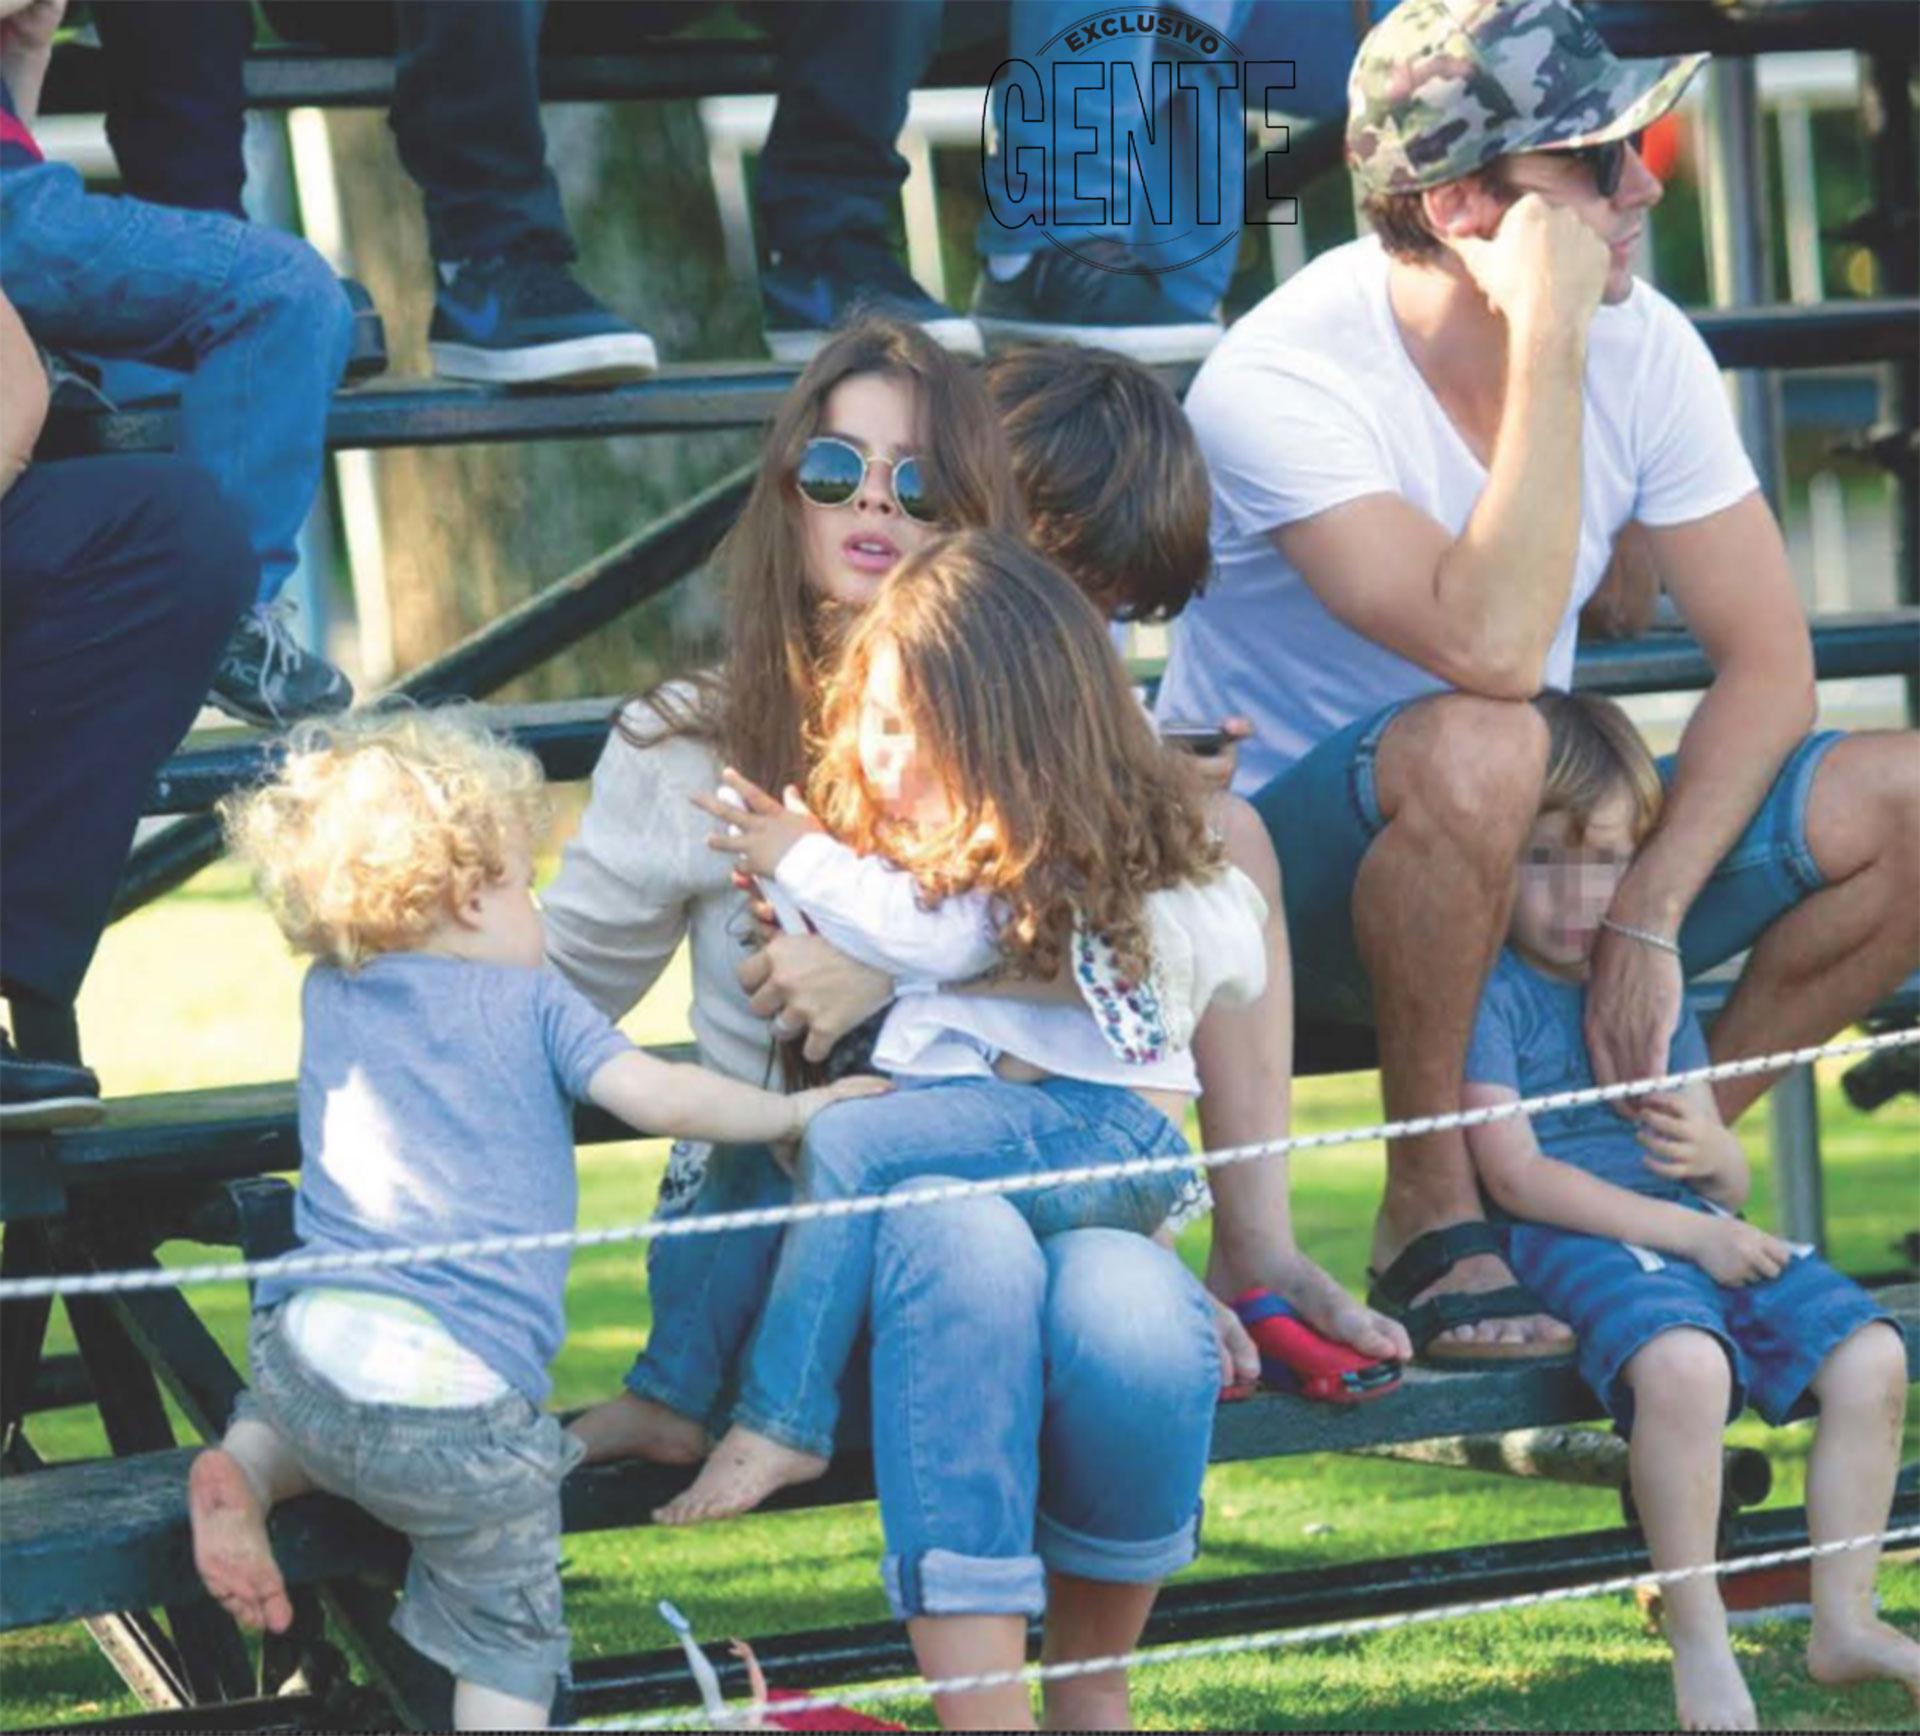 El primer Día de la madre como familia ensamblada: Compartieron la final del Abierto de Tortugas, en el mismo country club donde alquilaron una casa de fin de semana.